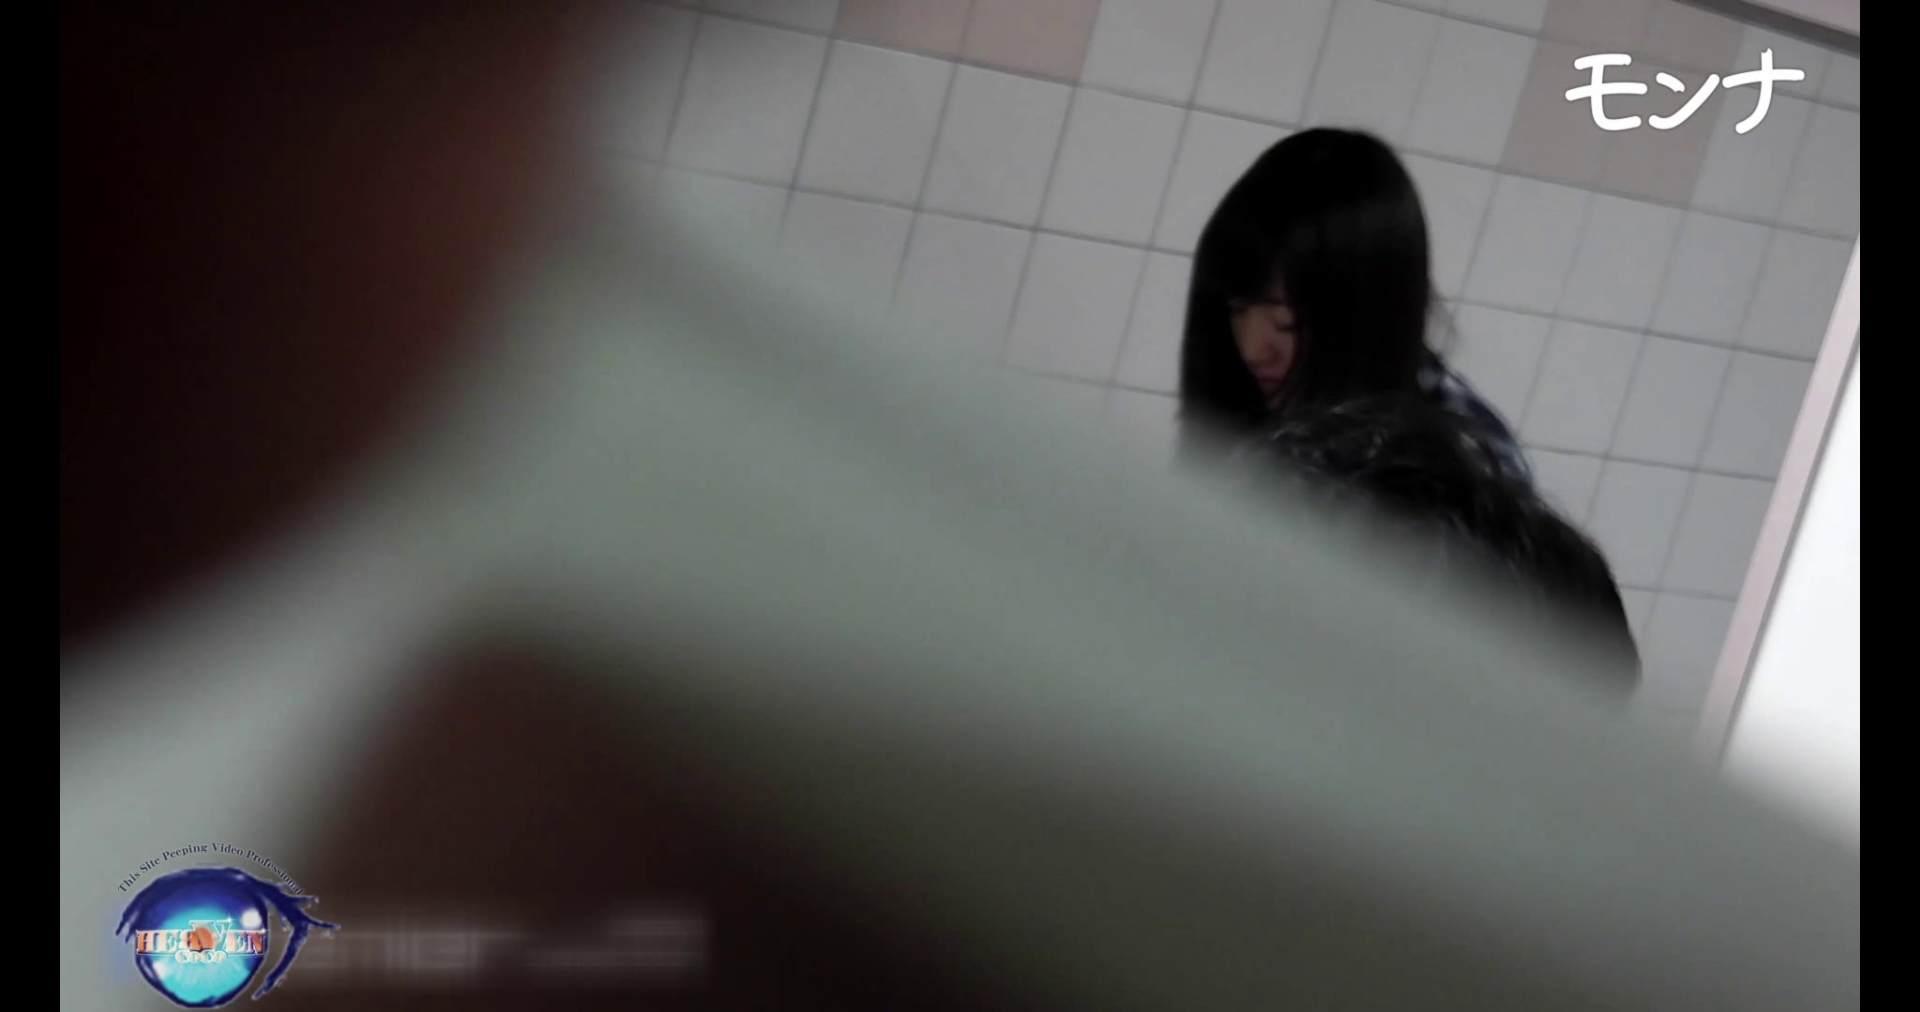 美しい日本の未来 No.92前編 女子の厠   エッチな盗撮  91pic 81